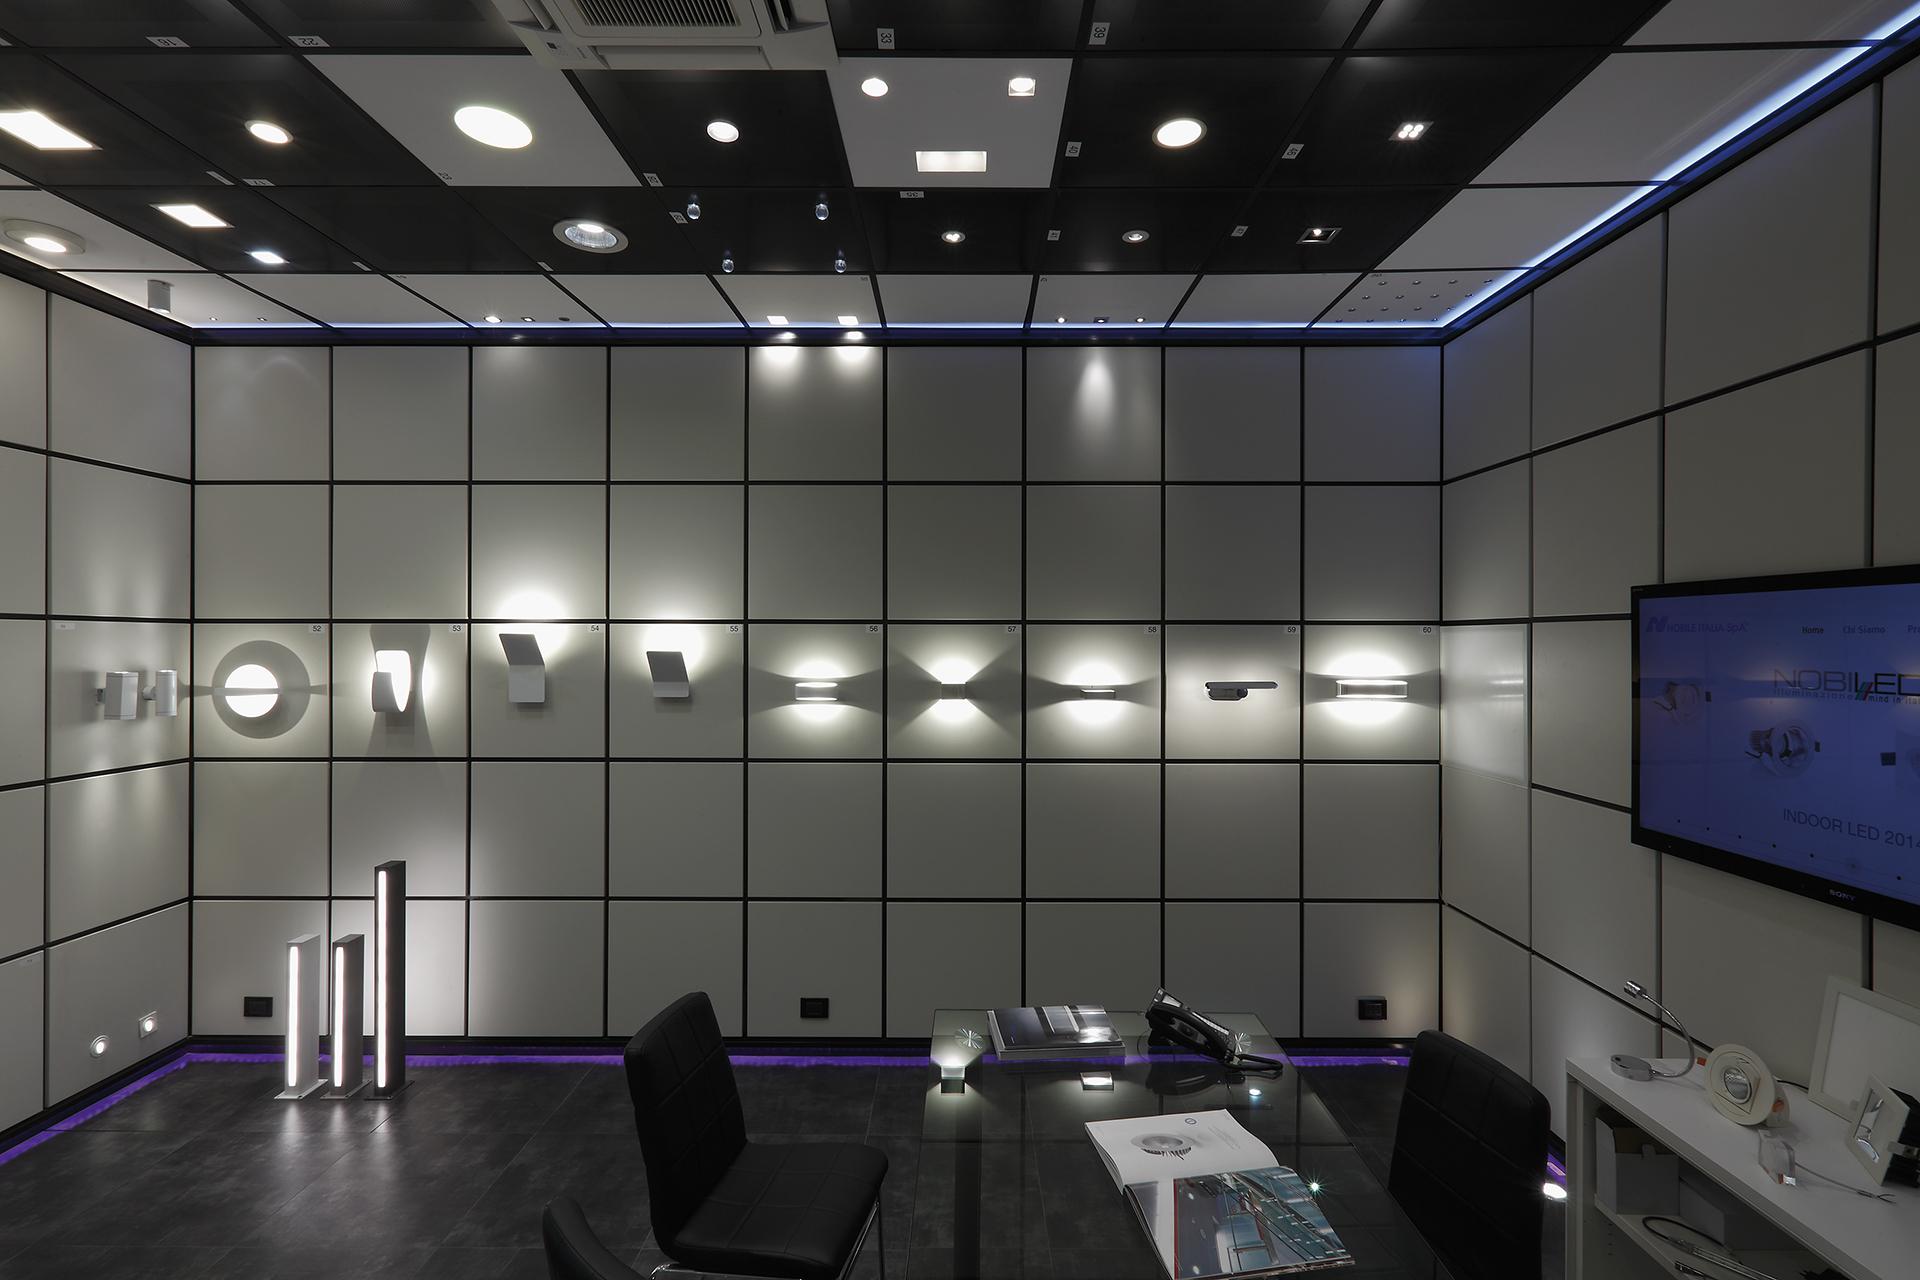 Nobile illuminazione p3 nobile sistemi di illuminazione for Sistemi di illuminazione led